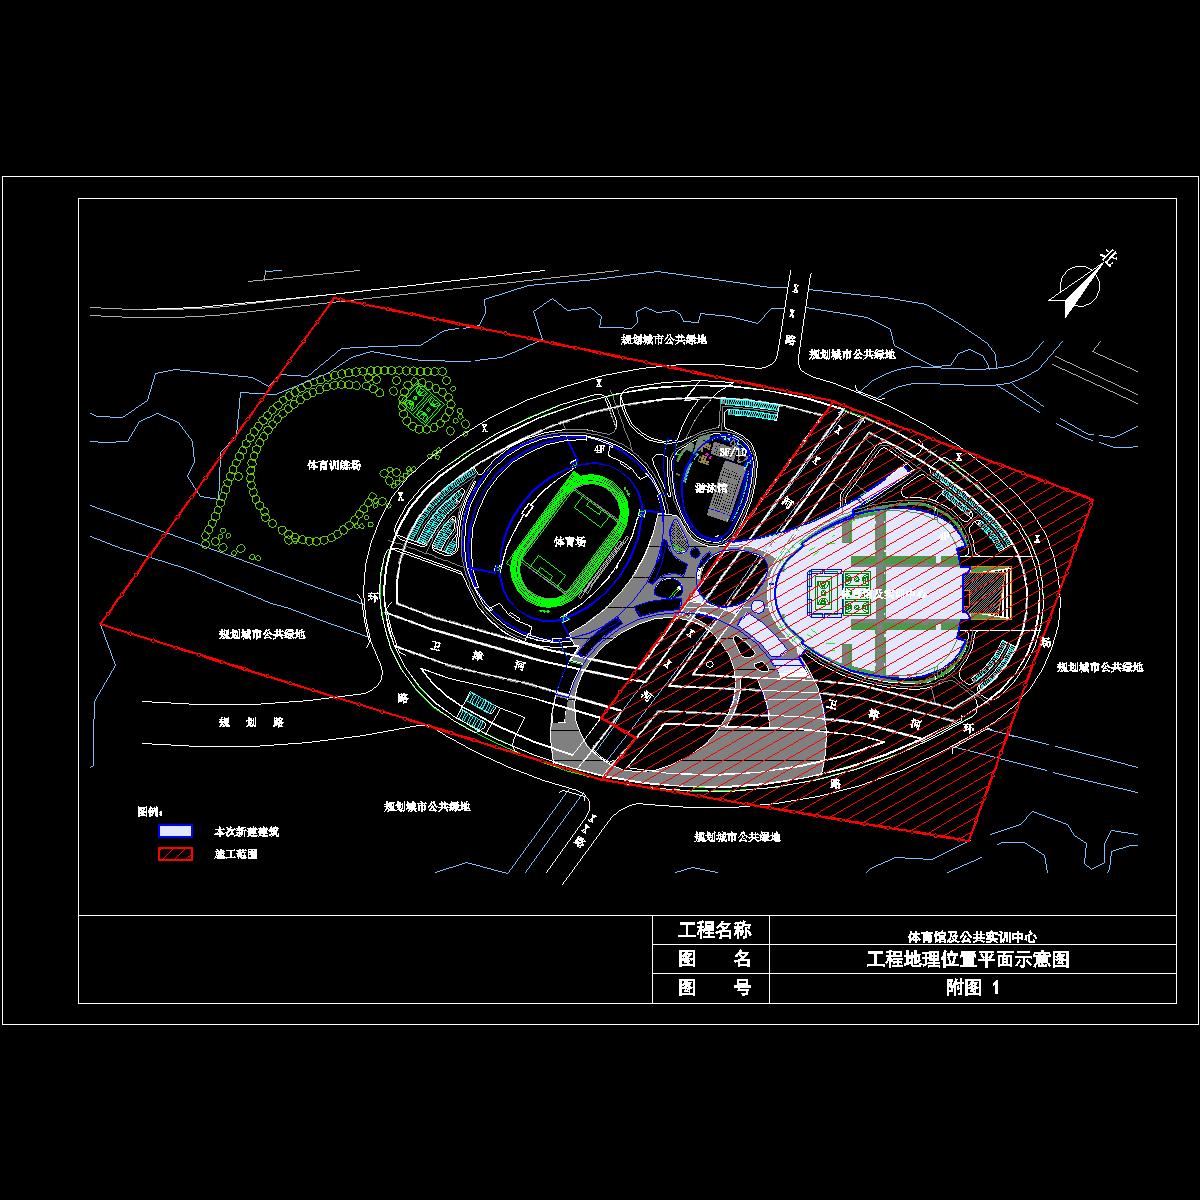 附图1 工程地理位置平面示意图.dwg